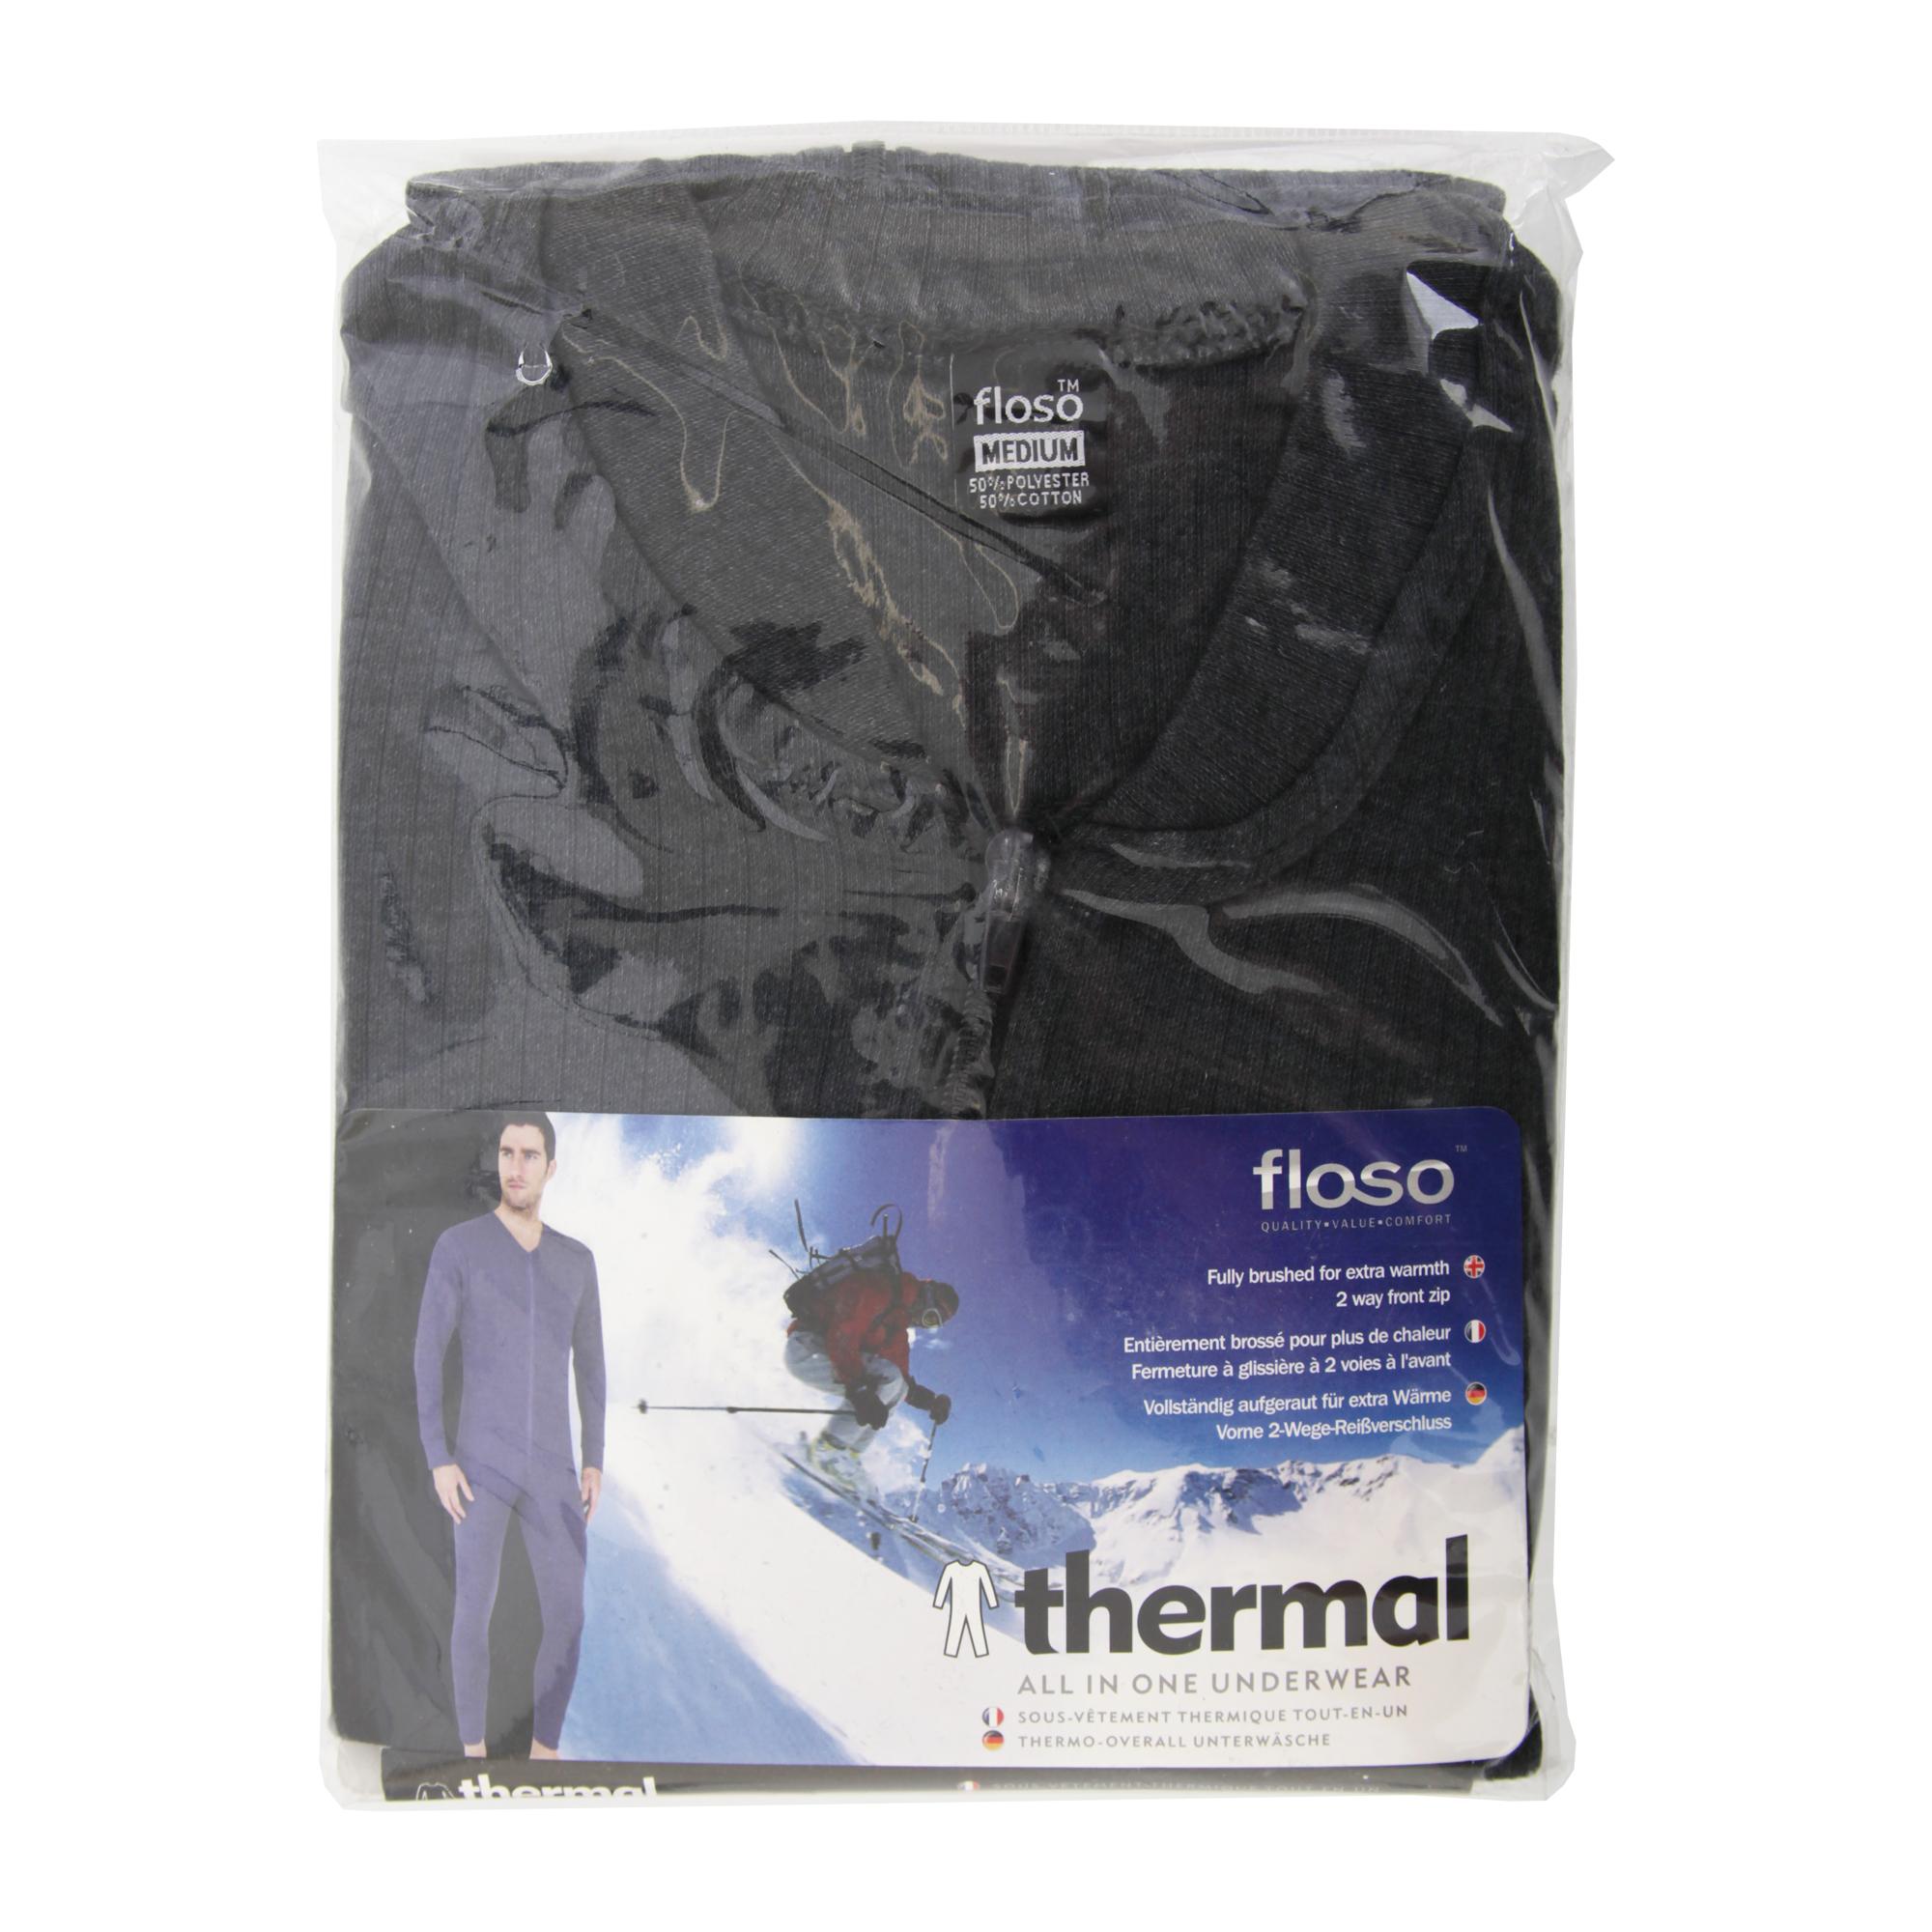 miniature 6 - FLOSO combinaison thermique - Homme (S-2XL) 3 couleurs (THERM45)